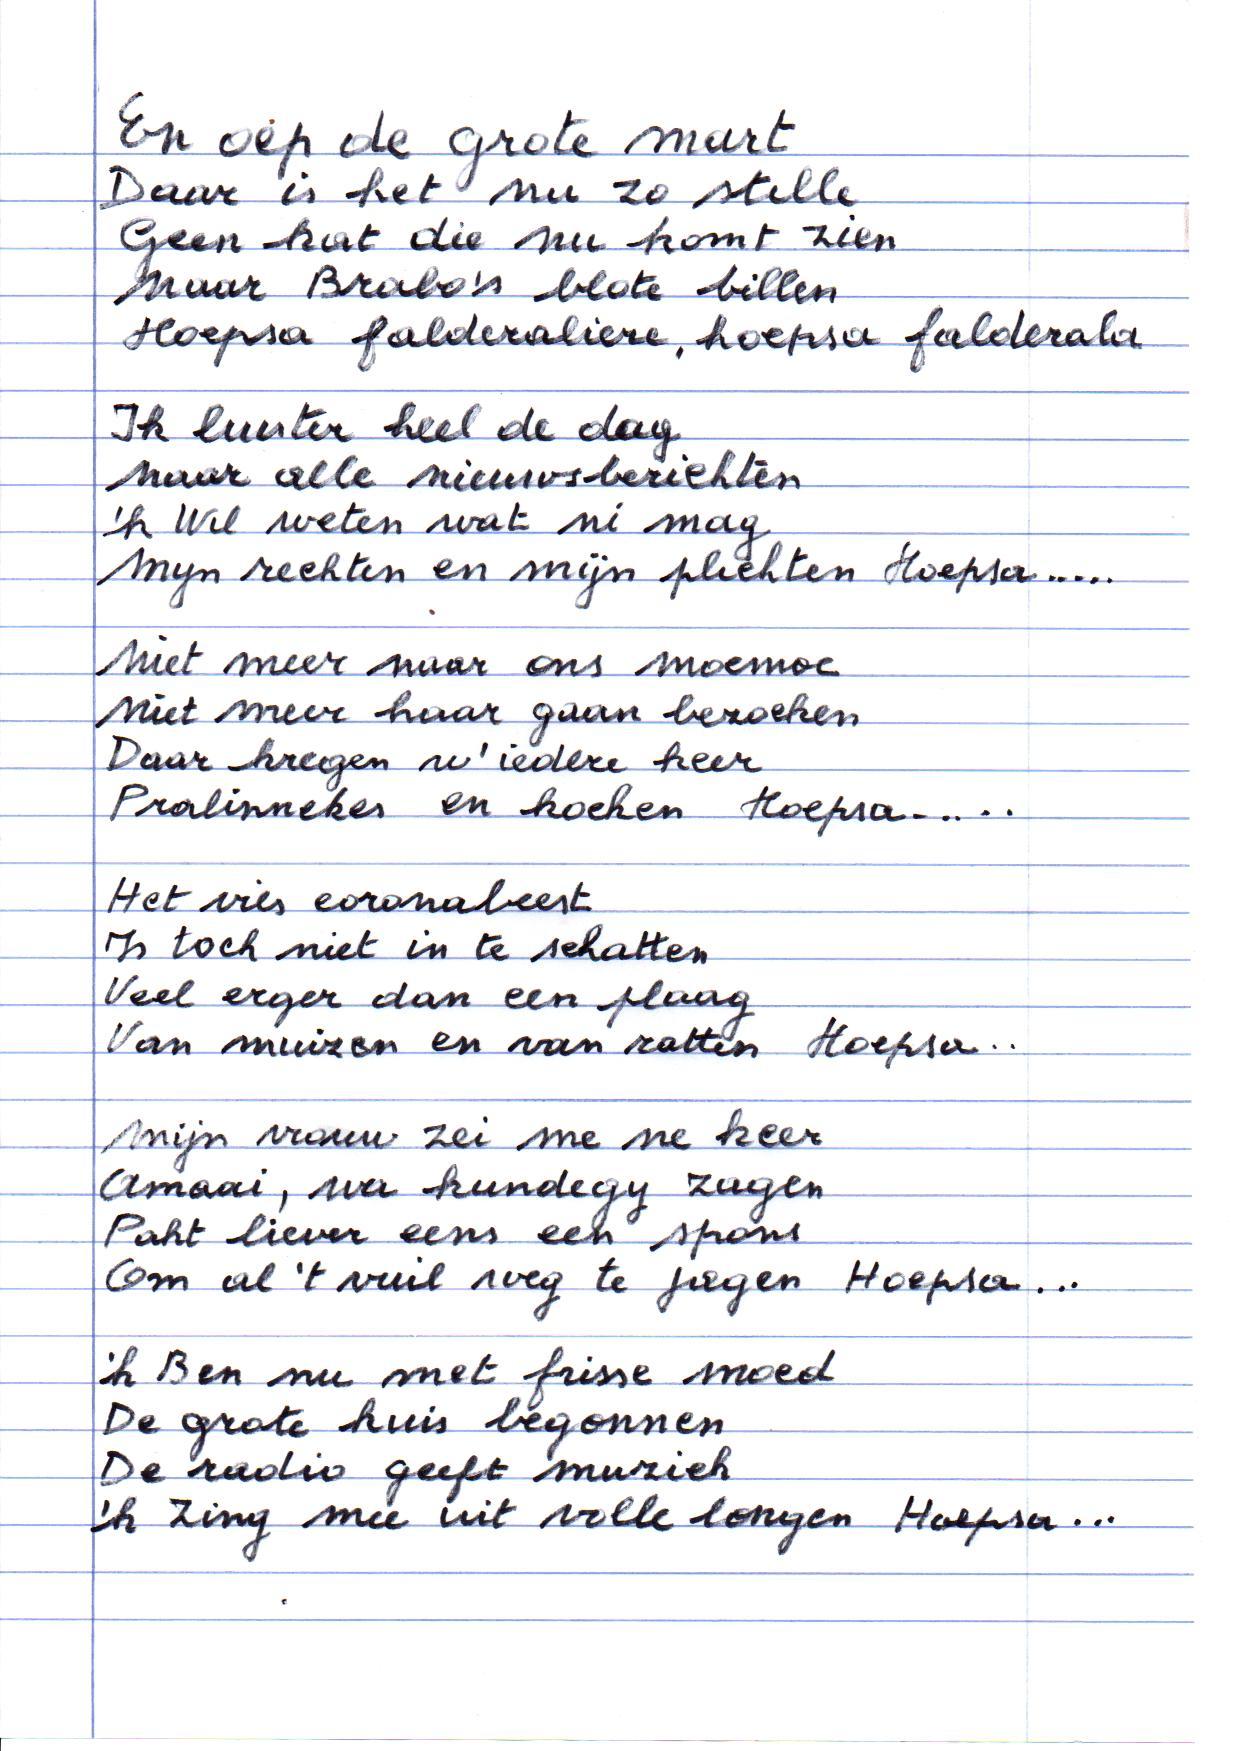 Gusta Maes, liedtekst 'En oep de Grote Mart, daar is 't nu zo stille', Felixarchief, inv.nr 2903#1.